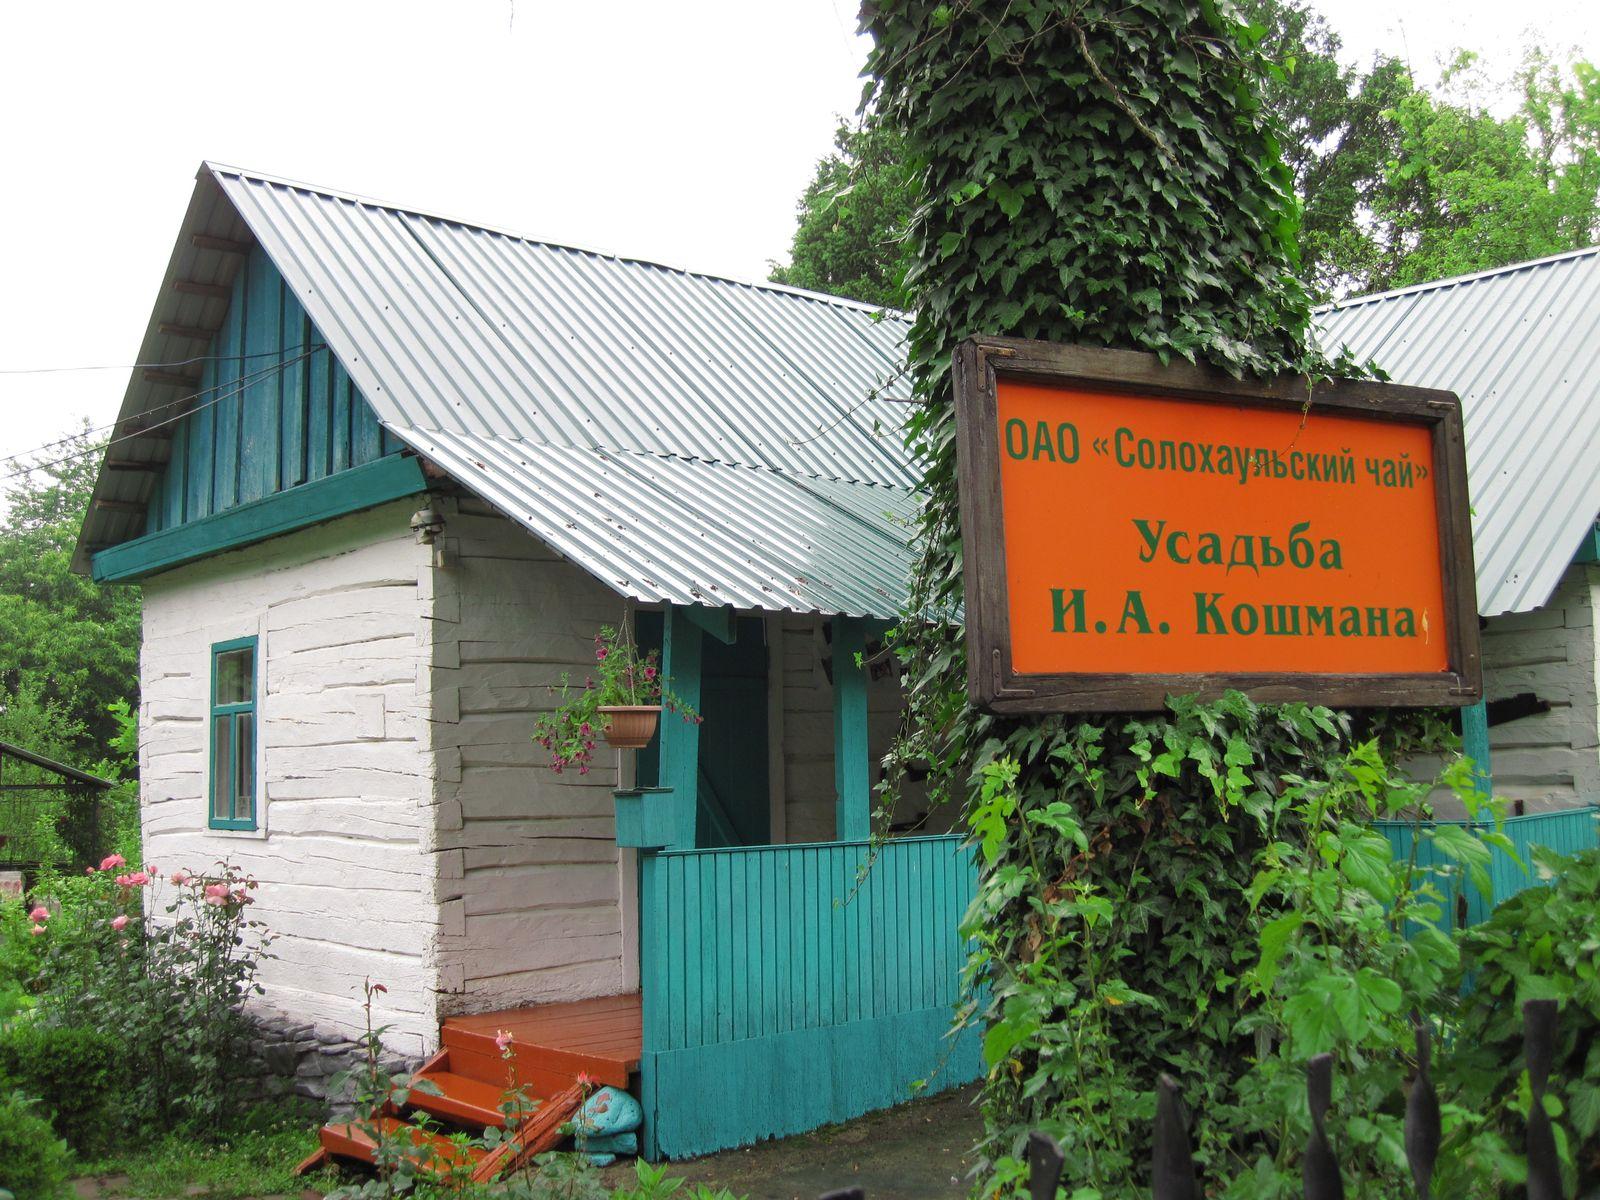 Дом-усадьба Иуды Кошмана